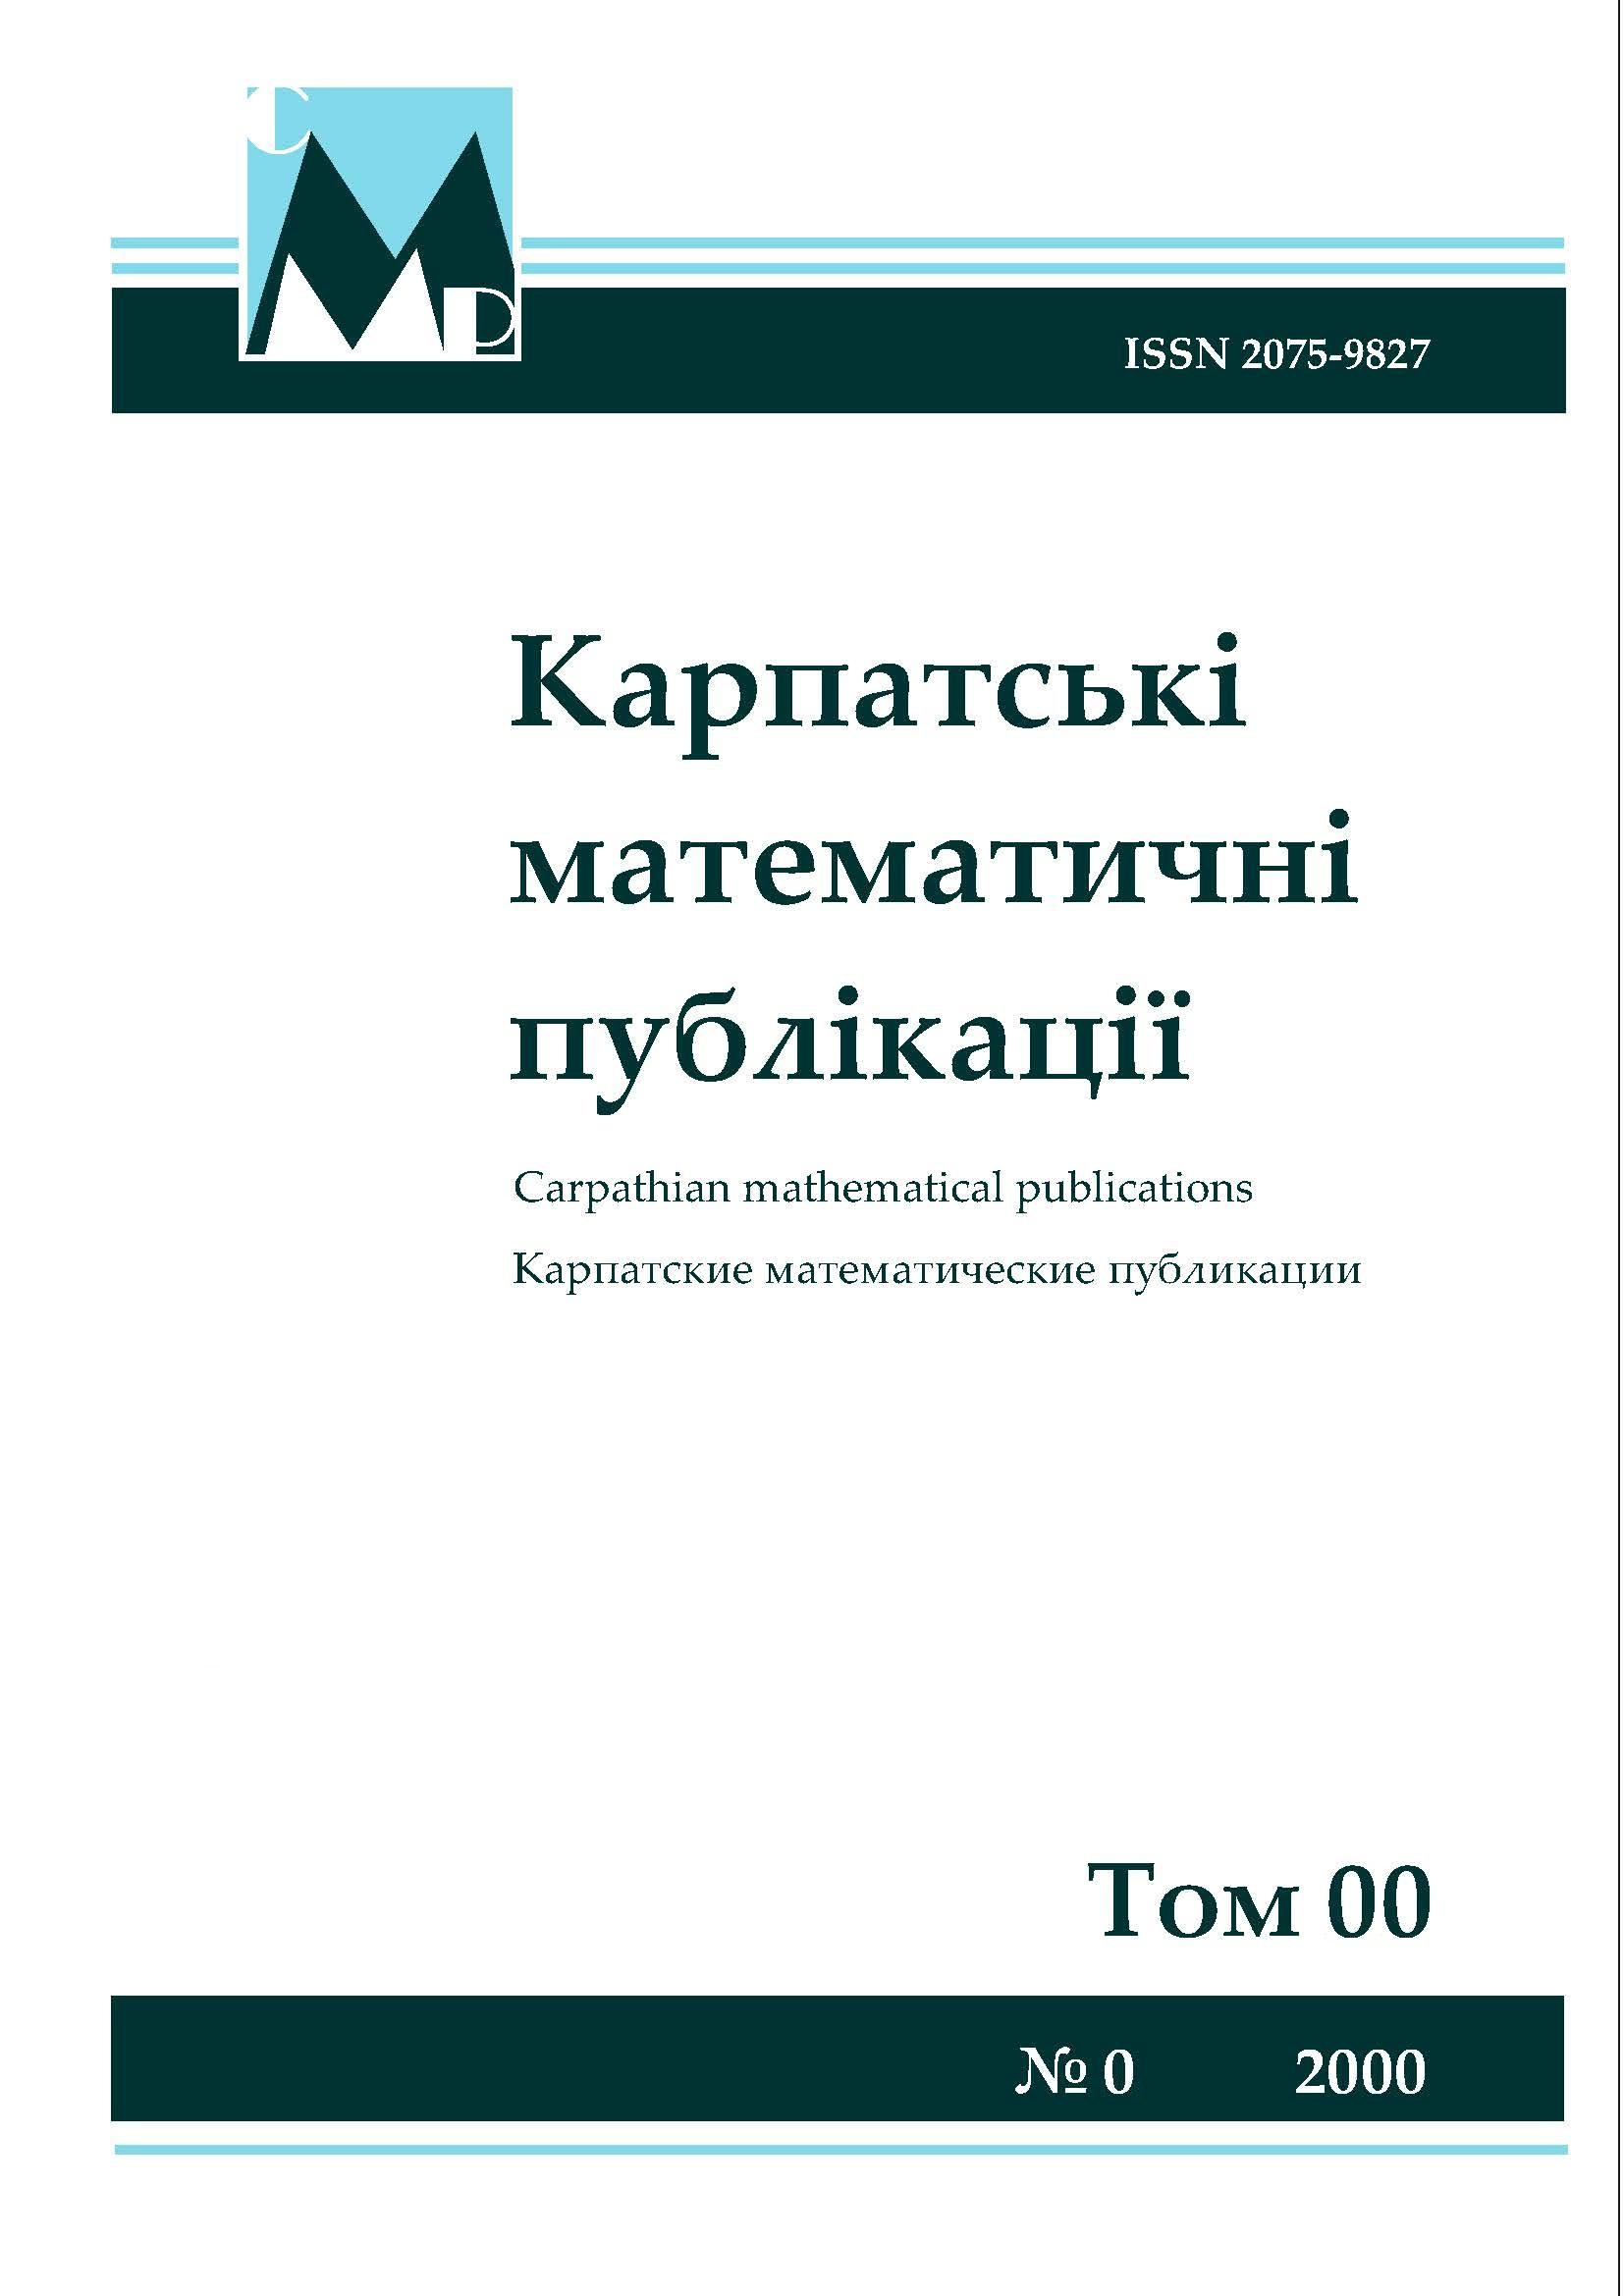 Carpathian Mathematical Publications